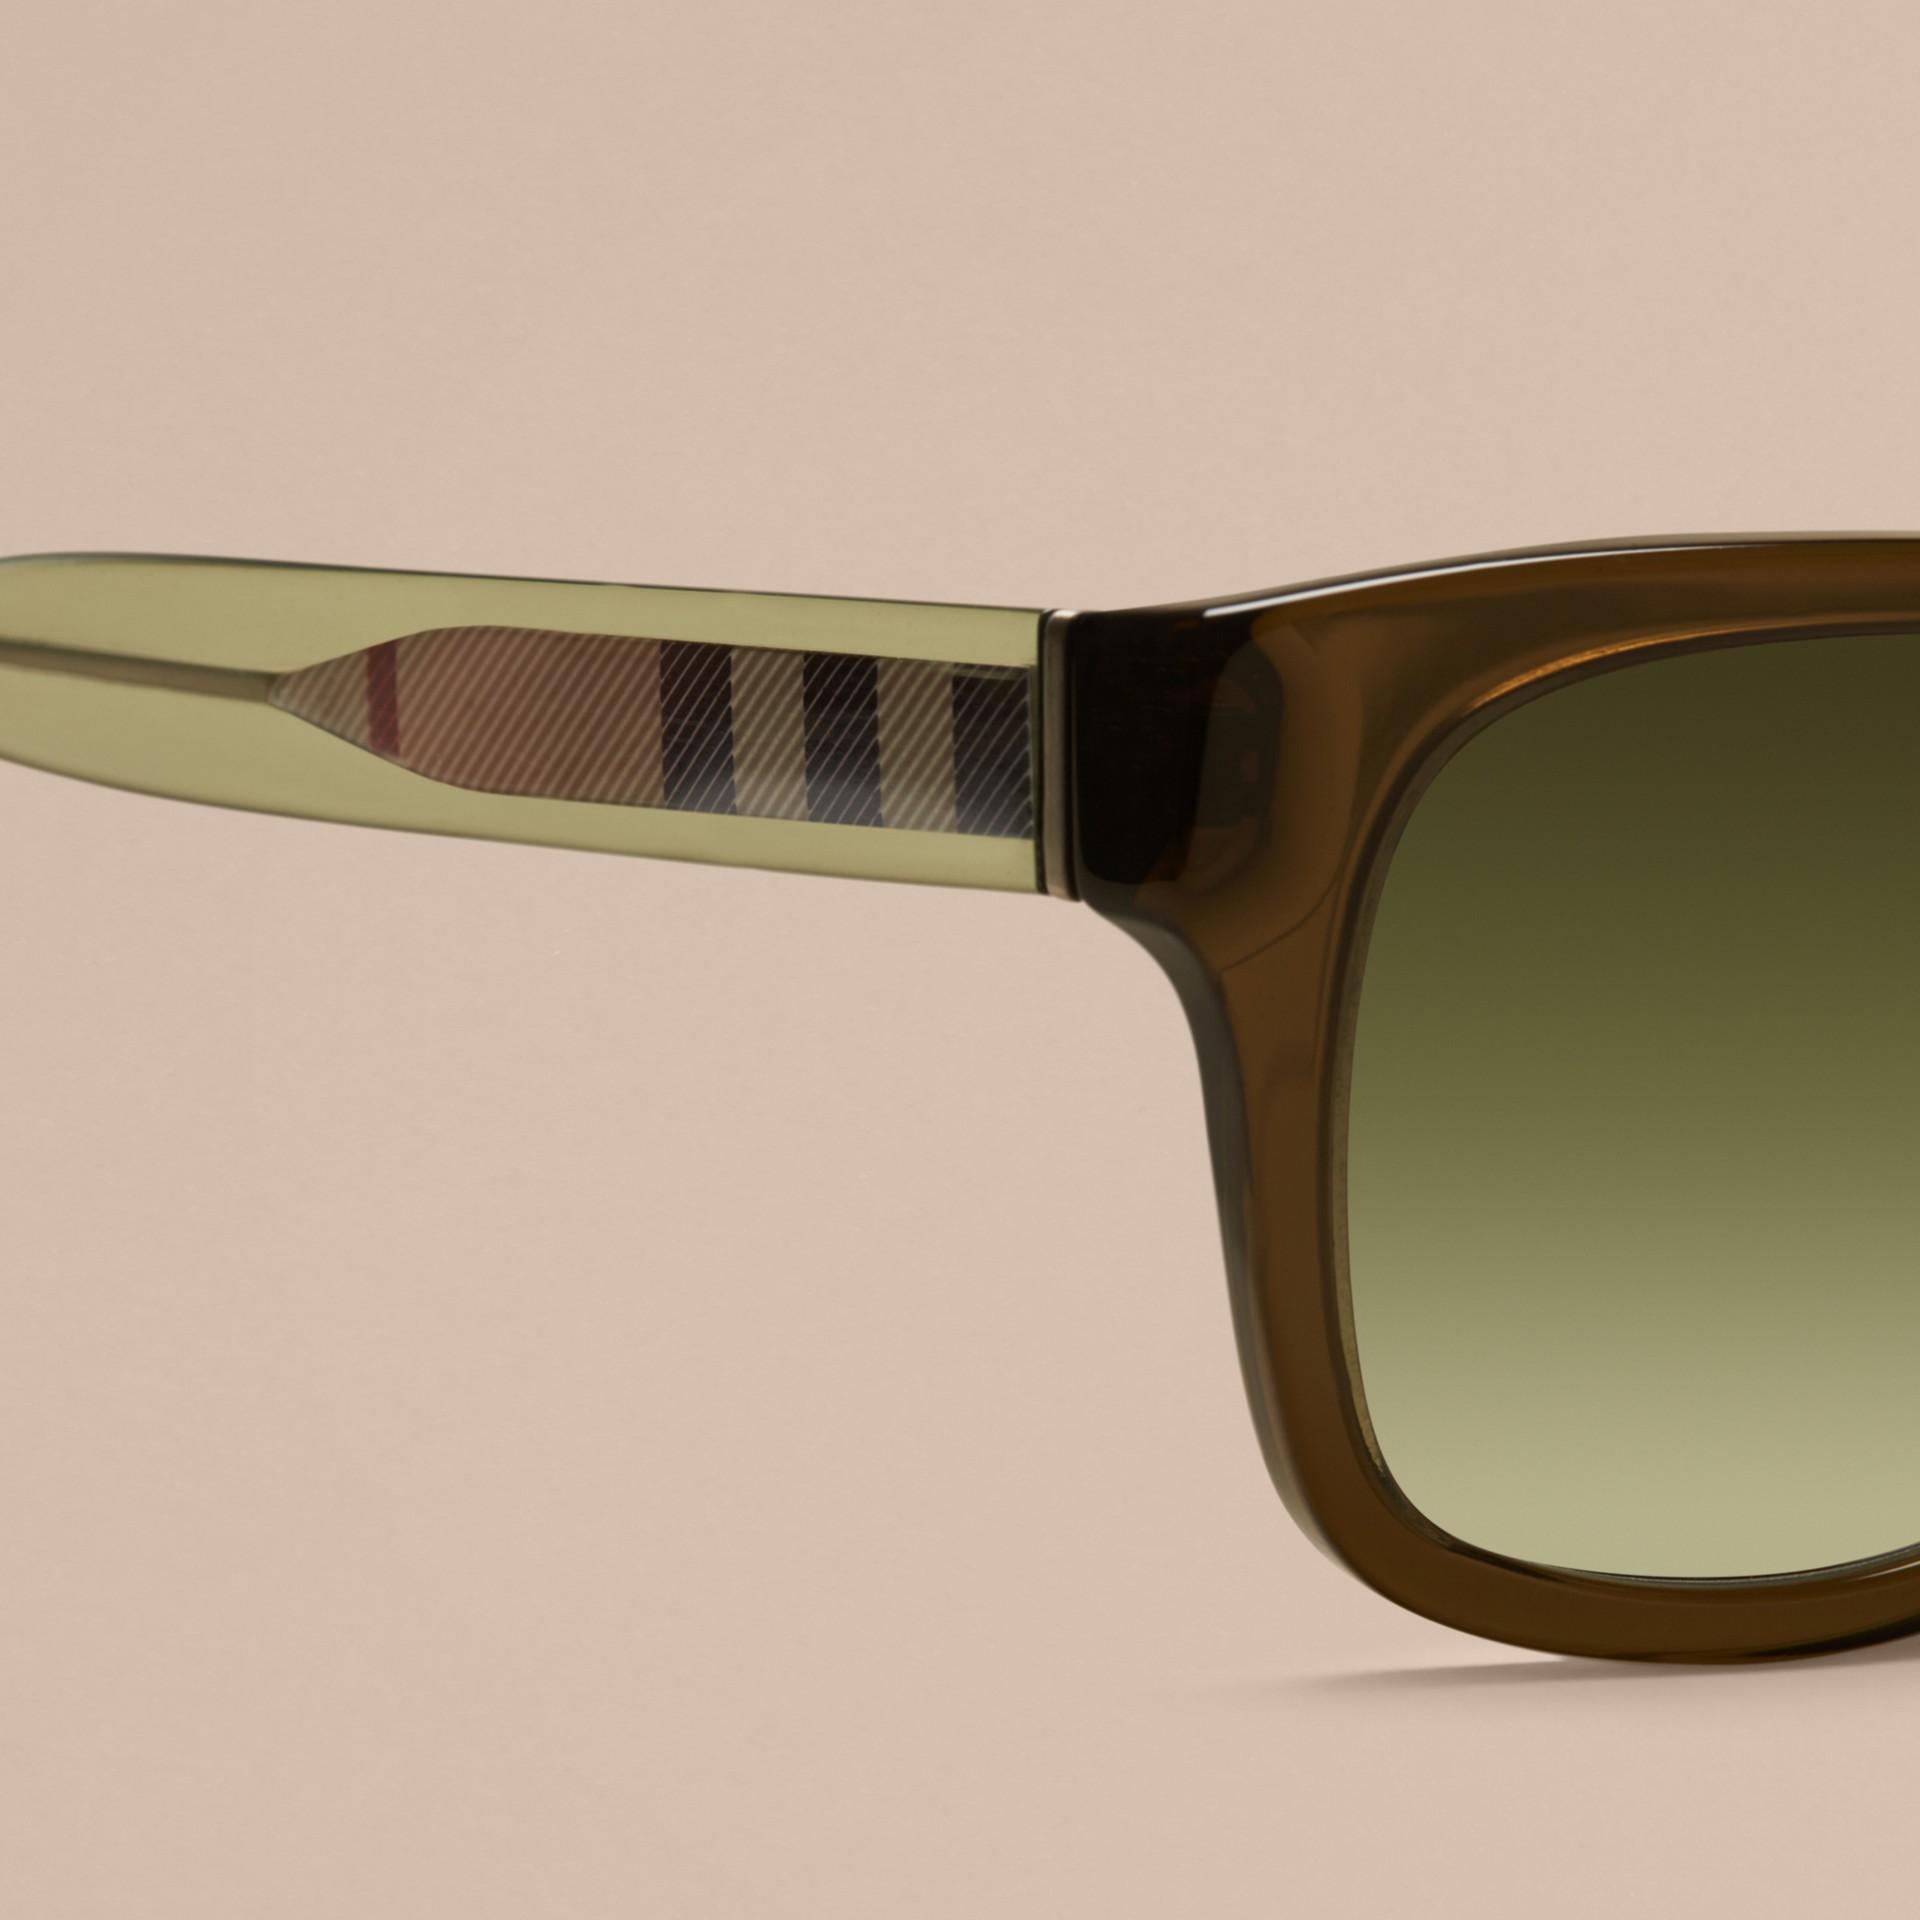 Оливковый Квадратные солнцезащитные очки с тиснением в клетку - изображение 2